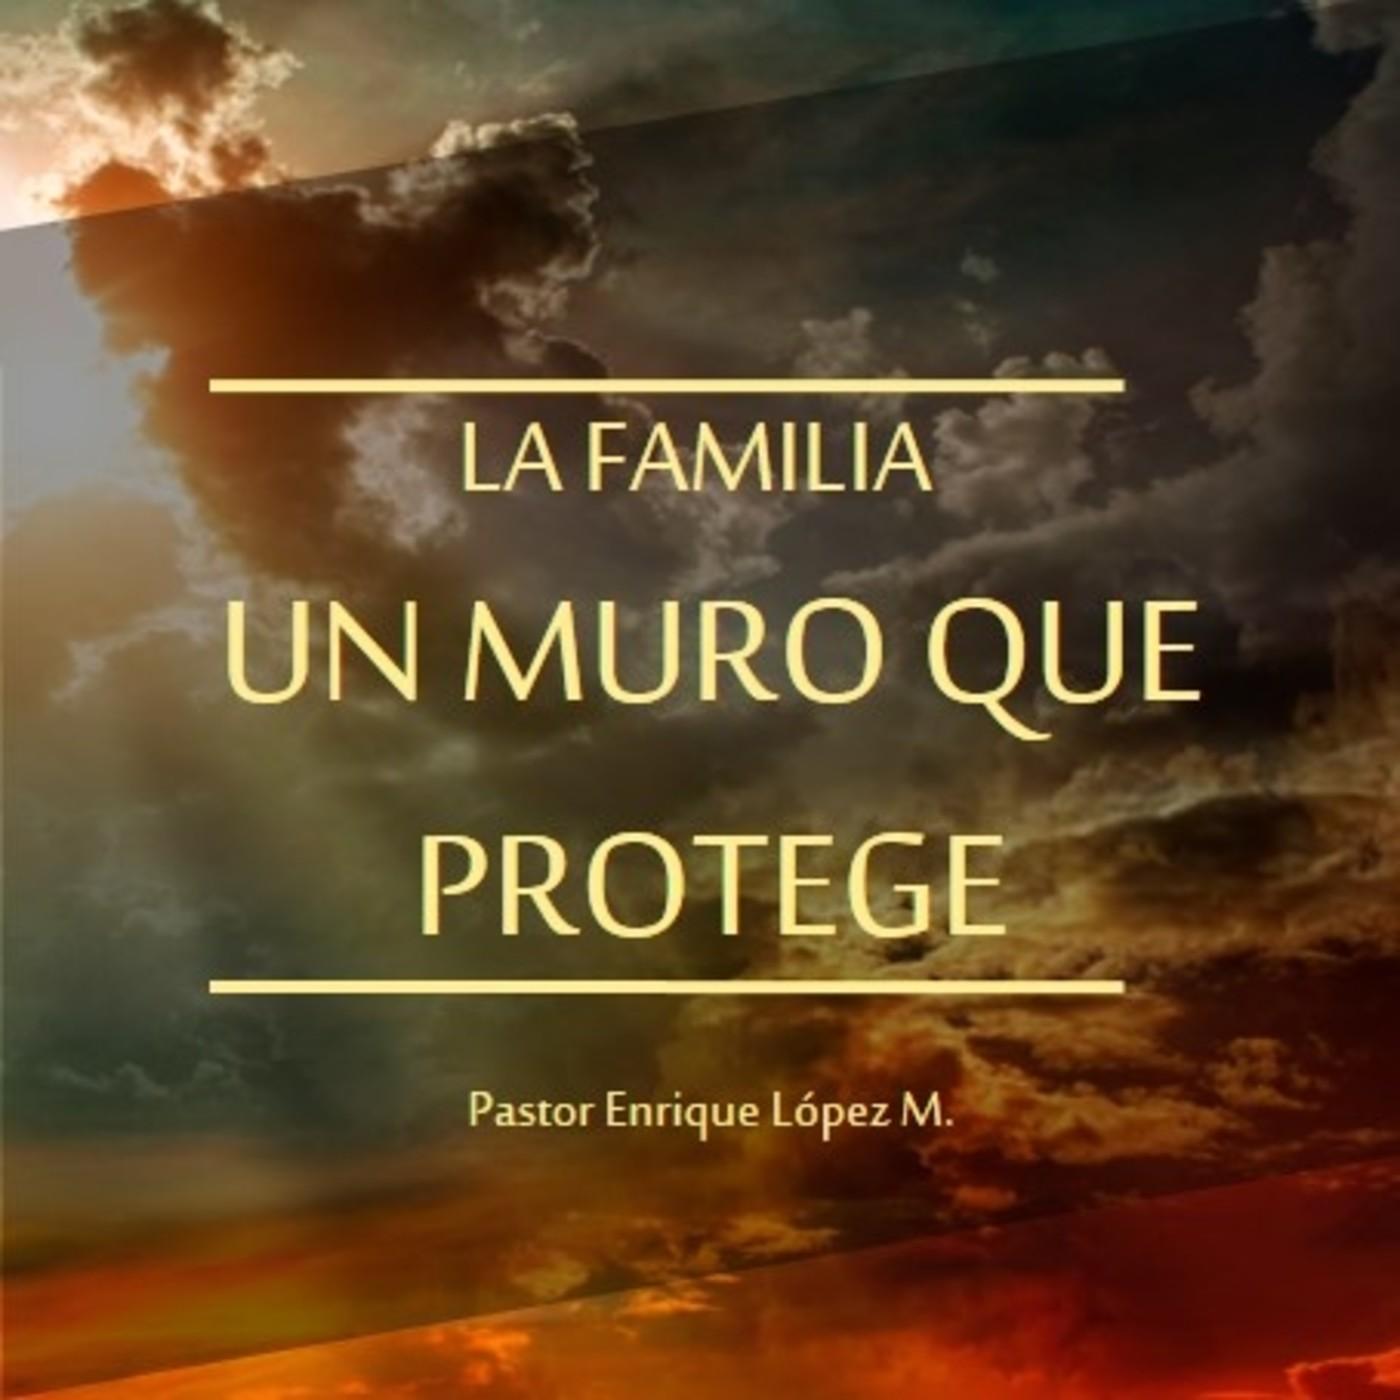 La Familia un muro que protege in Domingos Cucuta in mp3(10